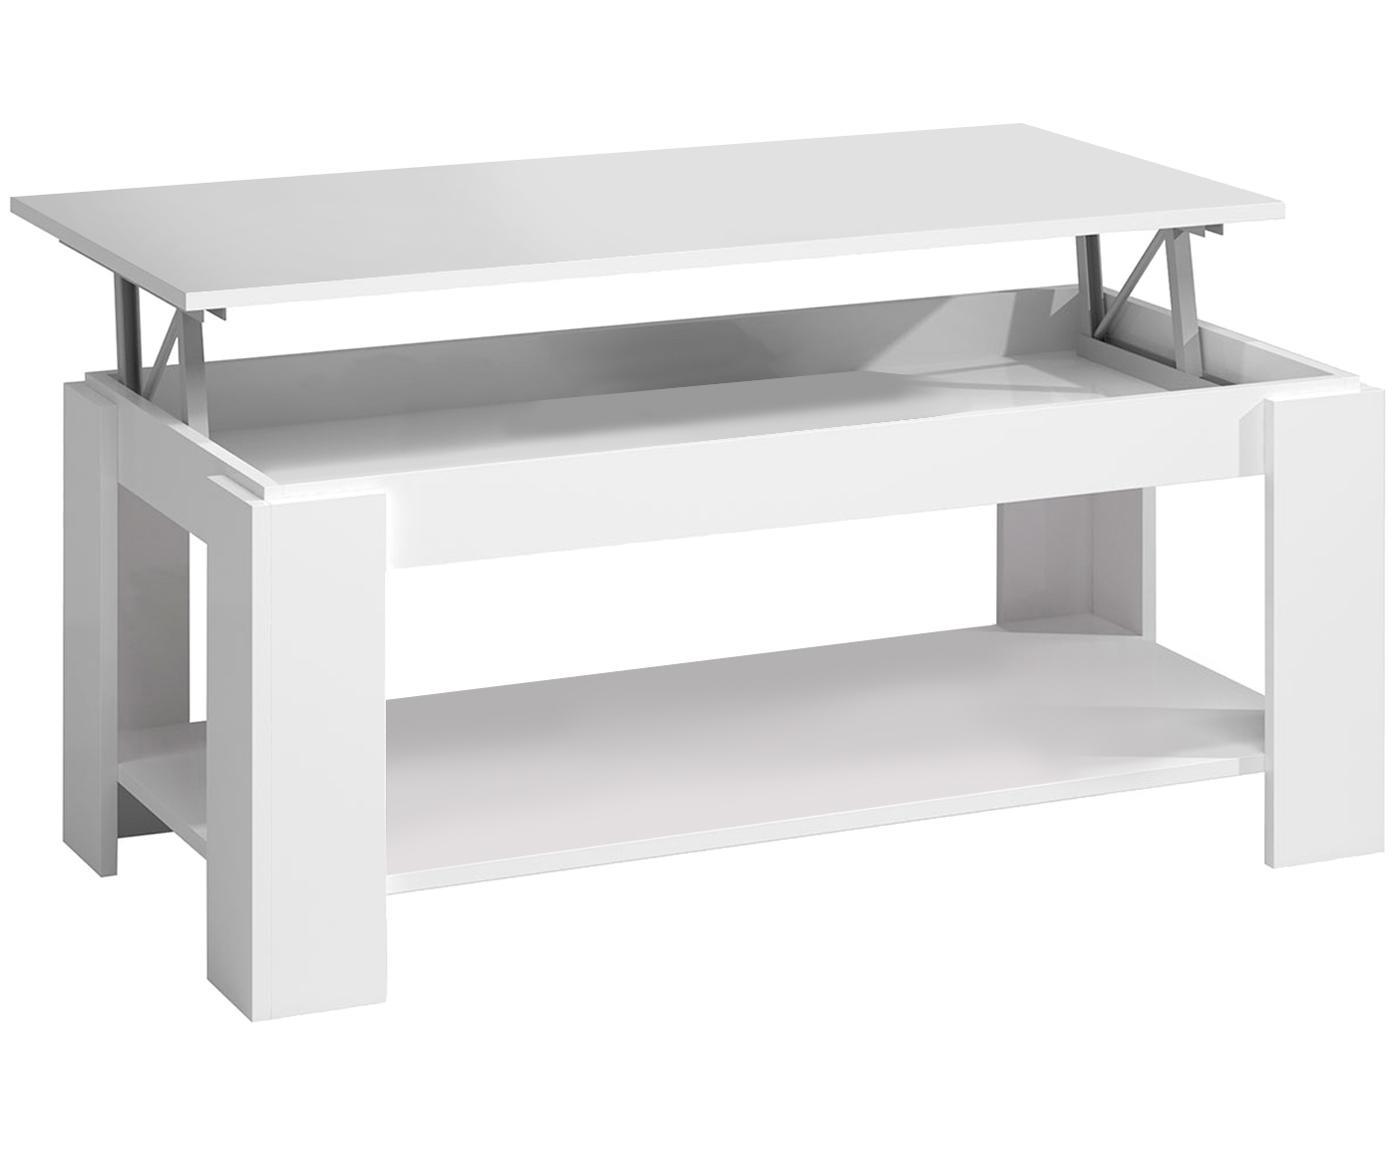 Mesa de centro Ambit, Melamina, Blanco, An 102 x Al 54 cm